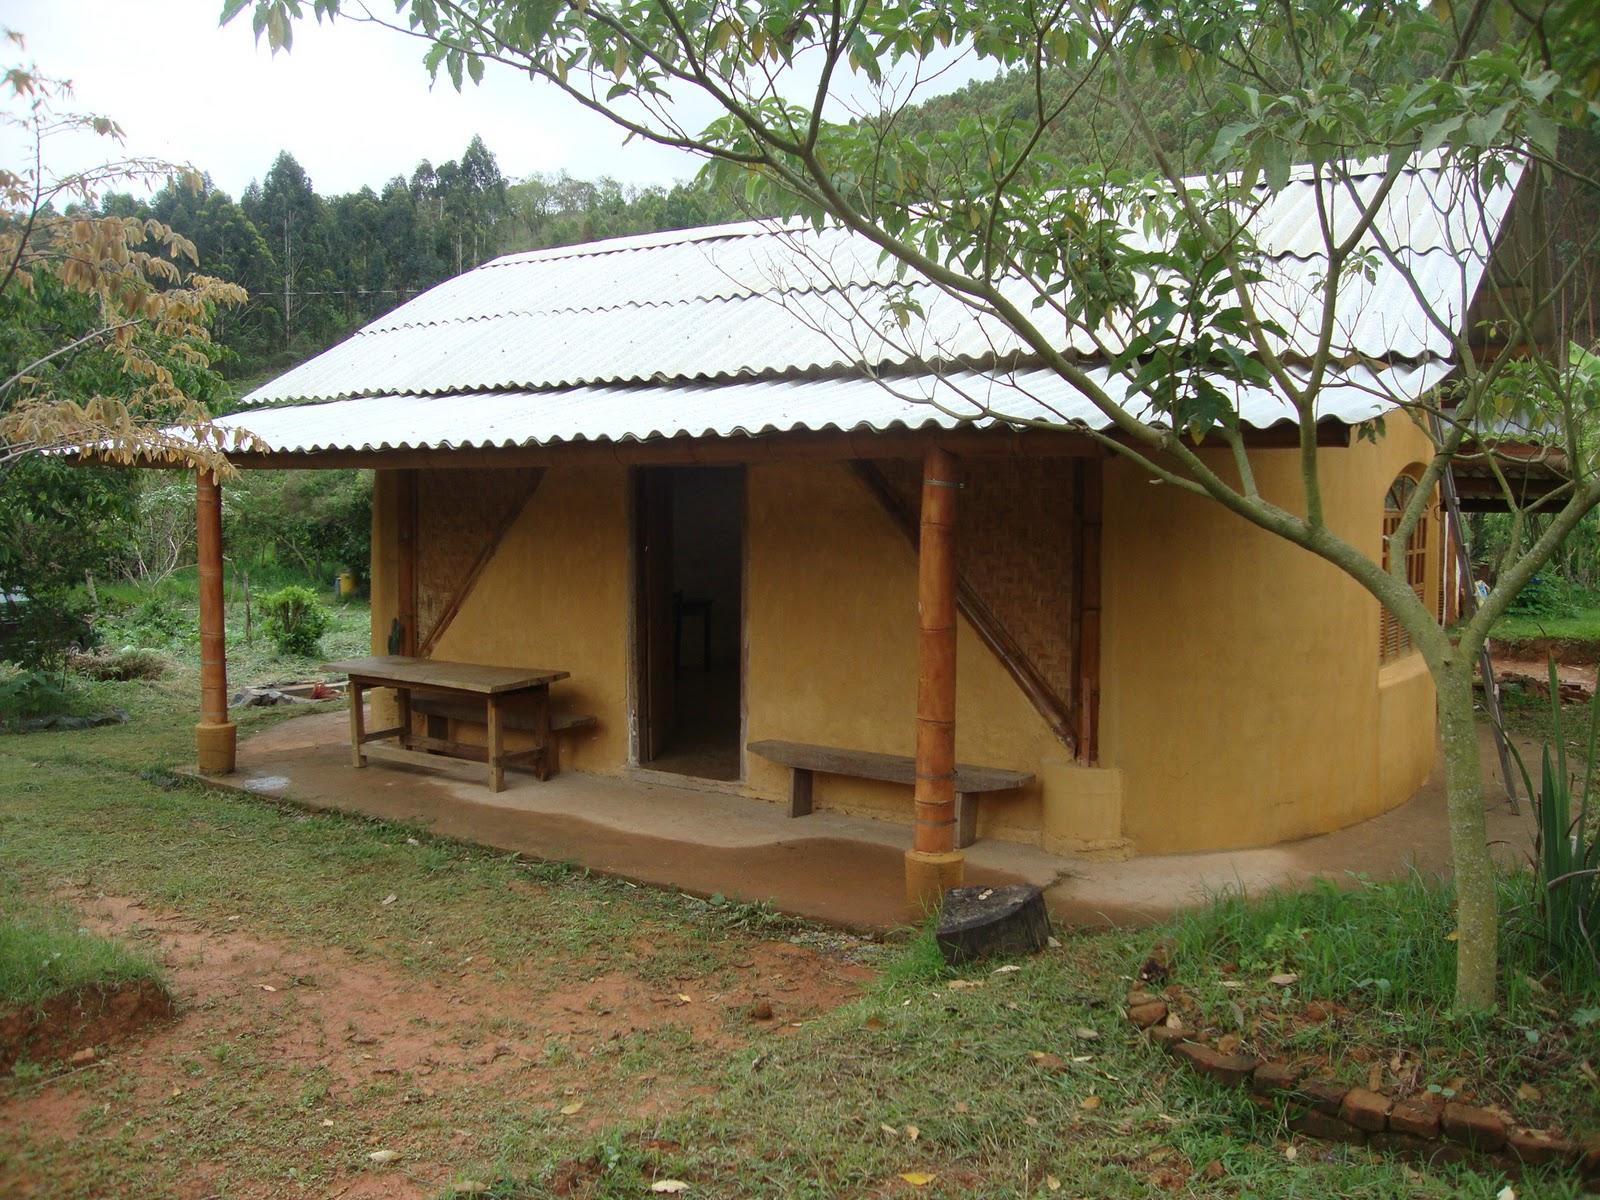 Por amor às cidades: Arquitetura e Permacultura em Viçosa #664827 1600 1200